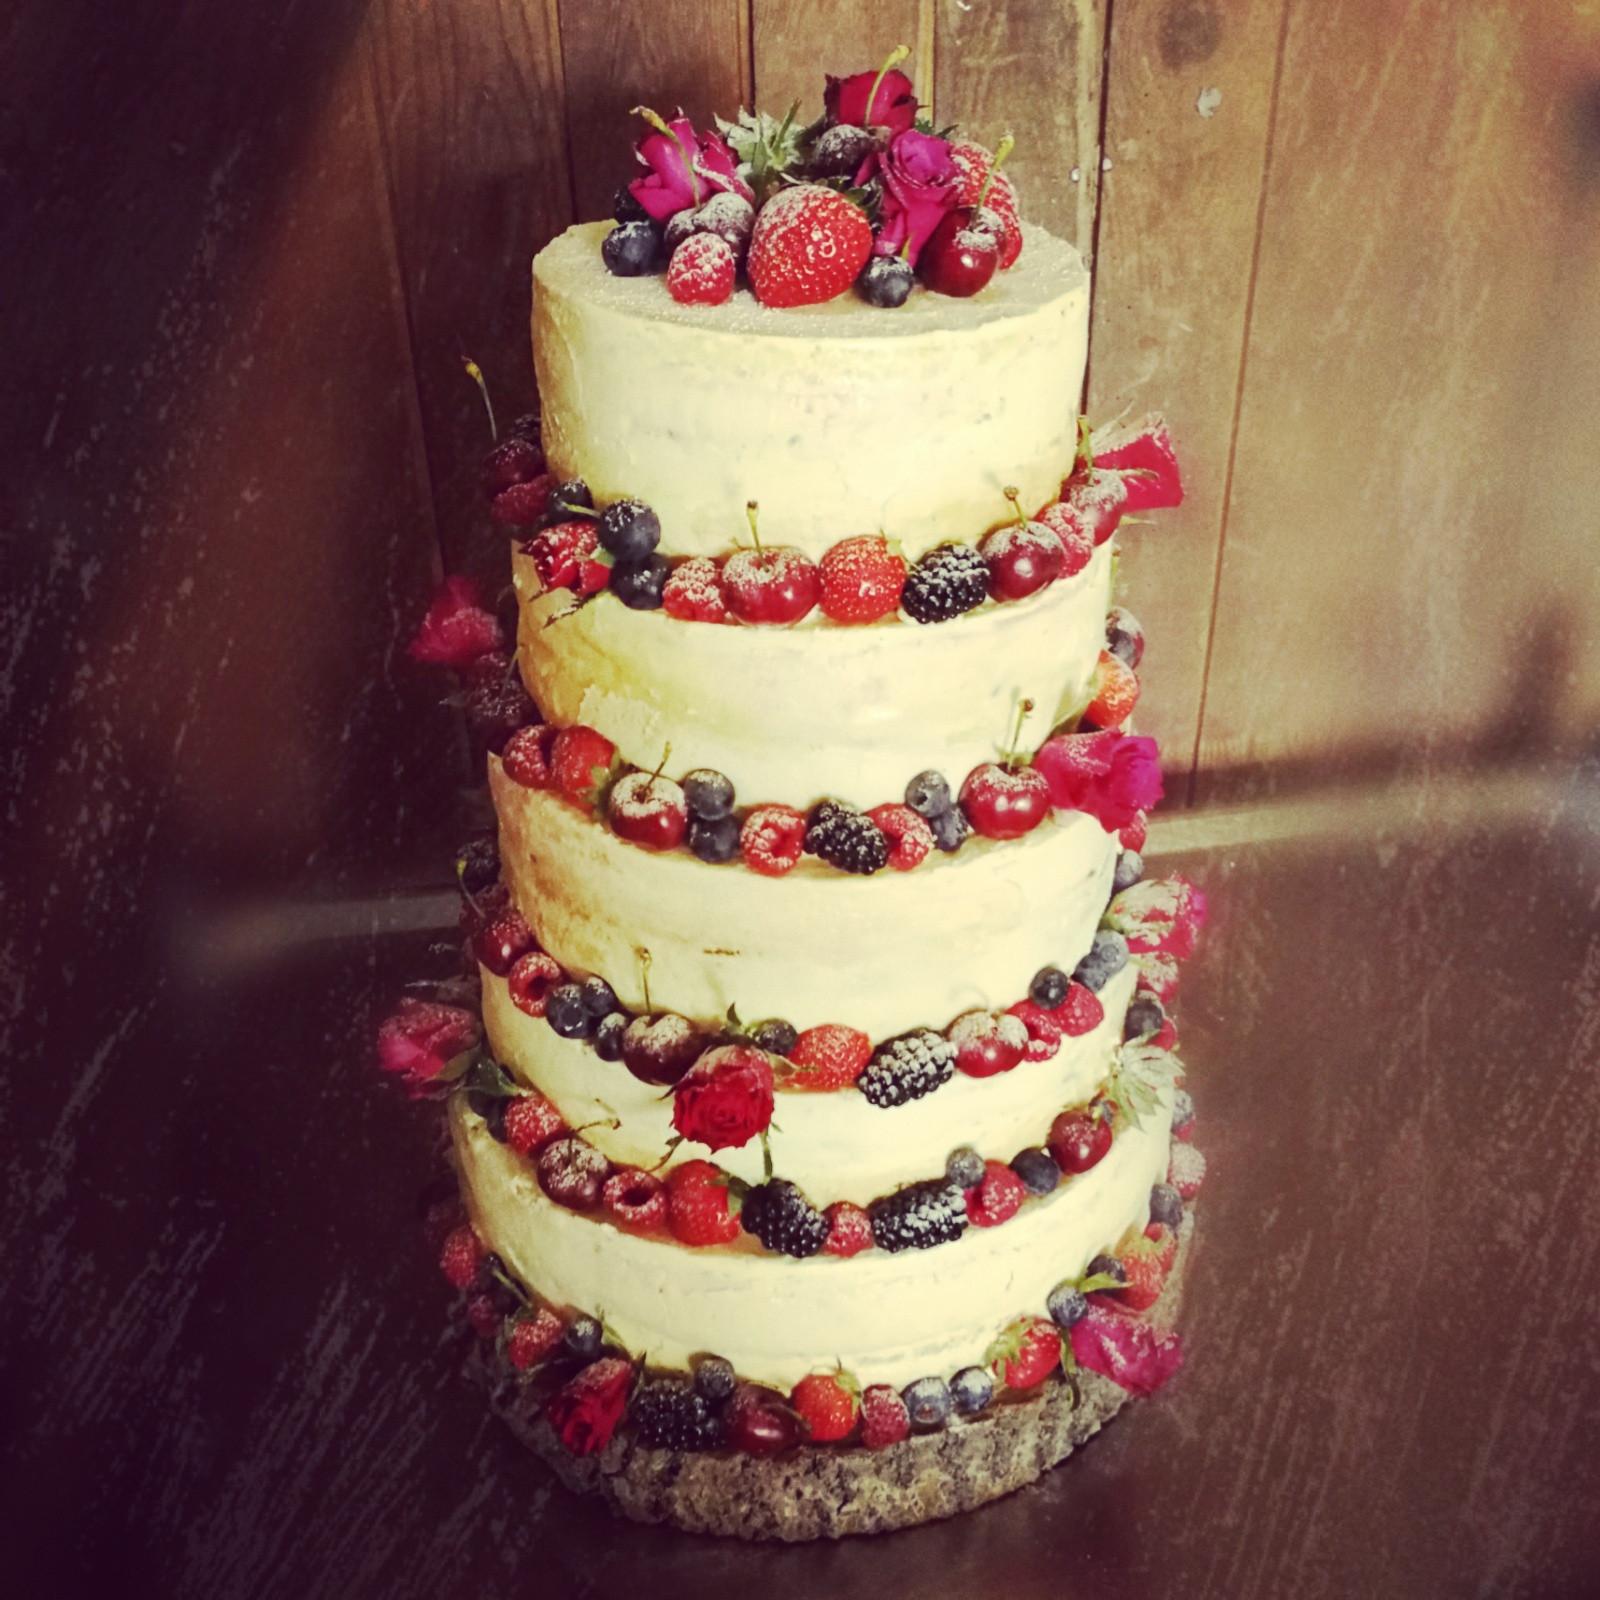 Whoopie wedding cakes / bryllupskager